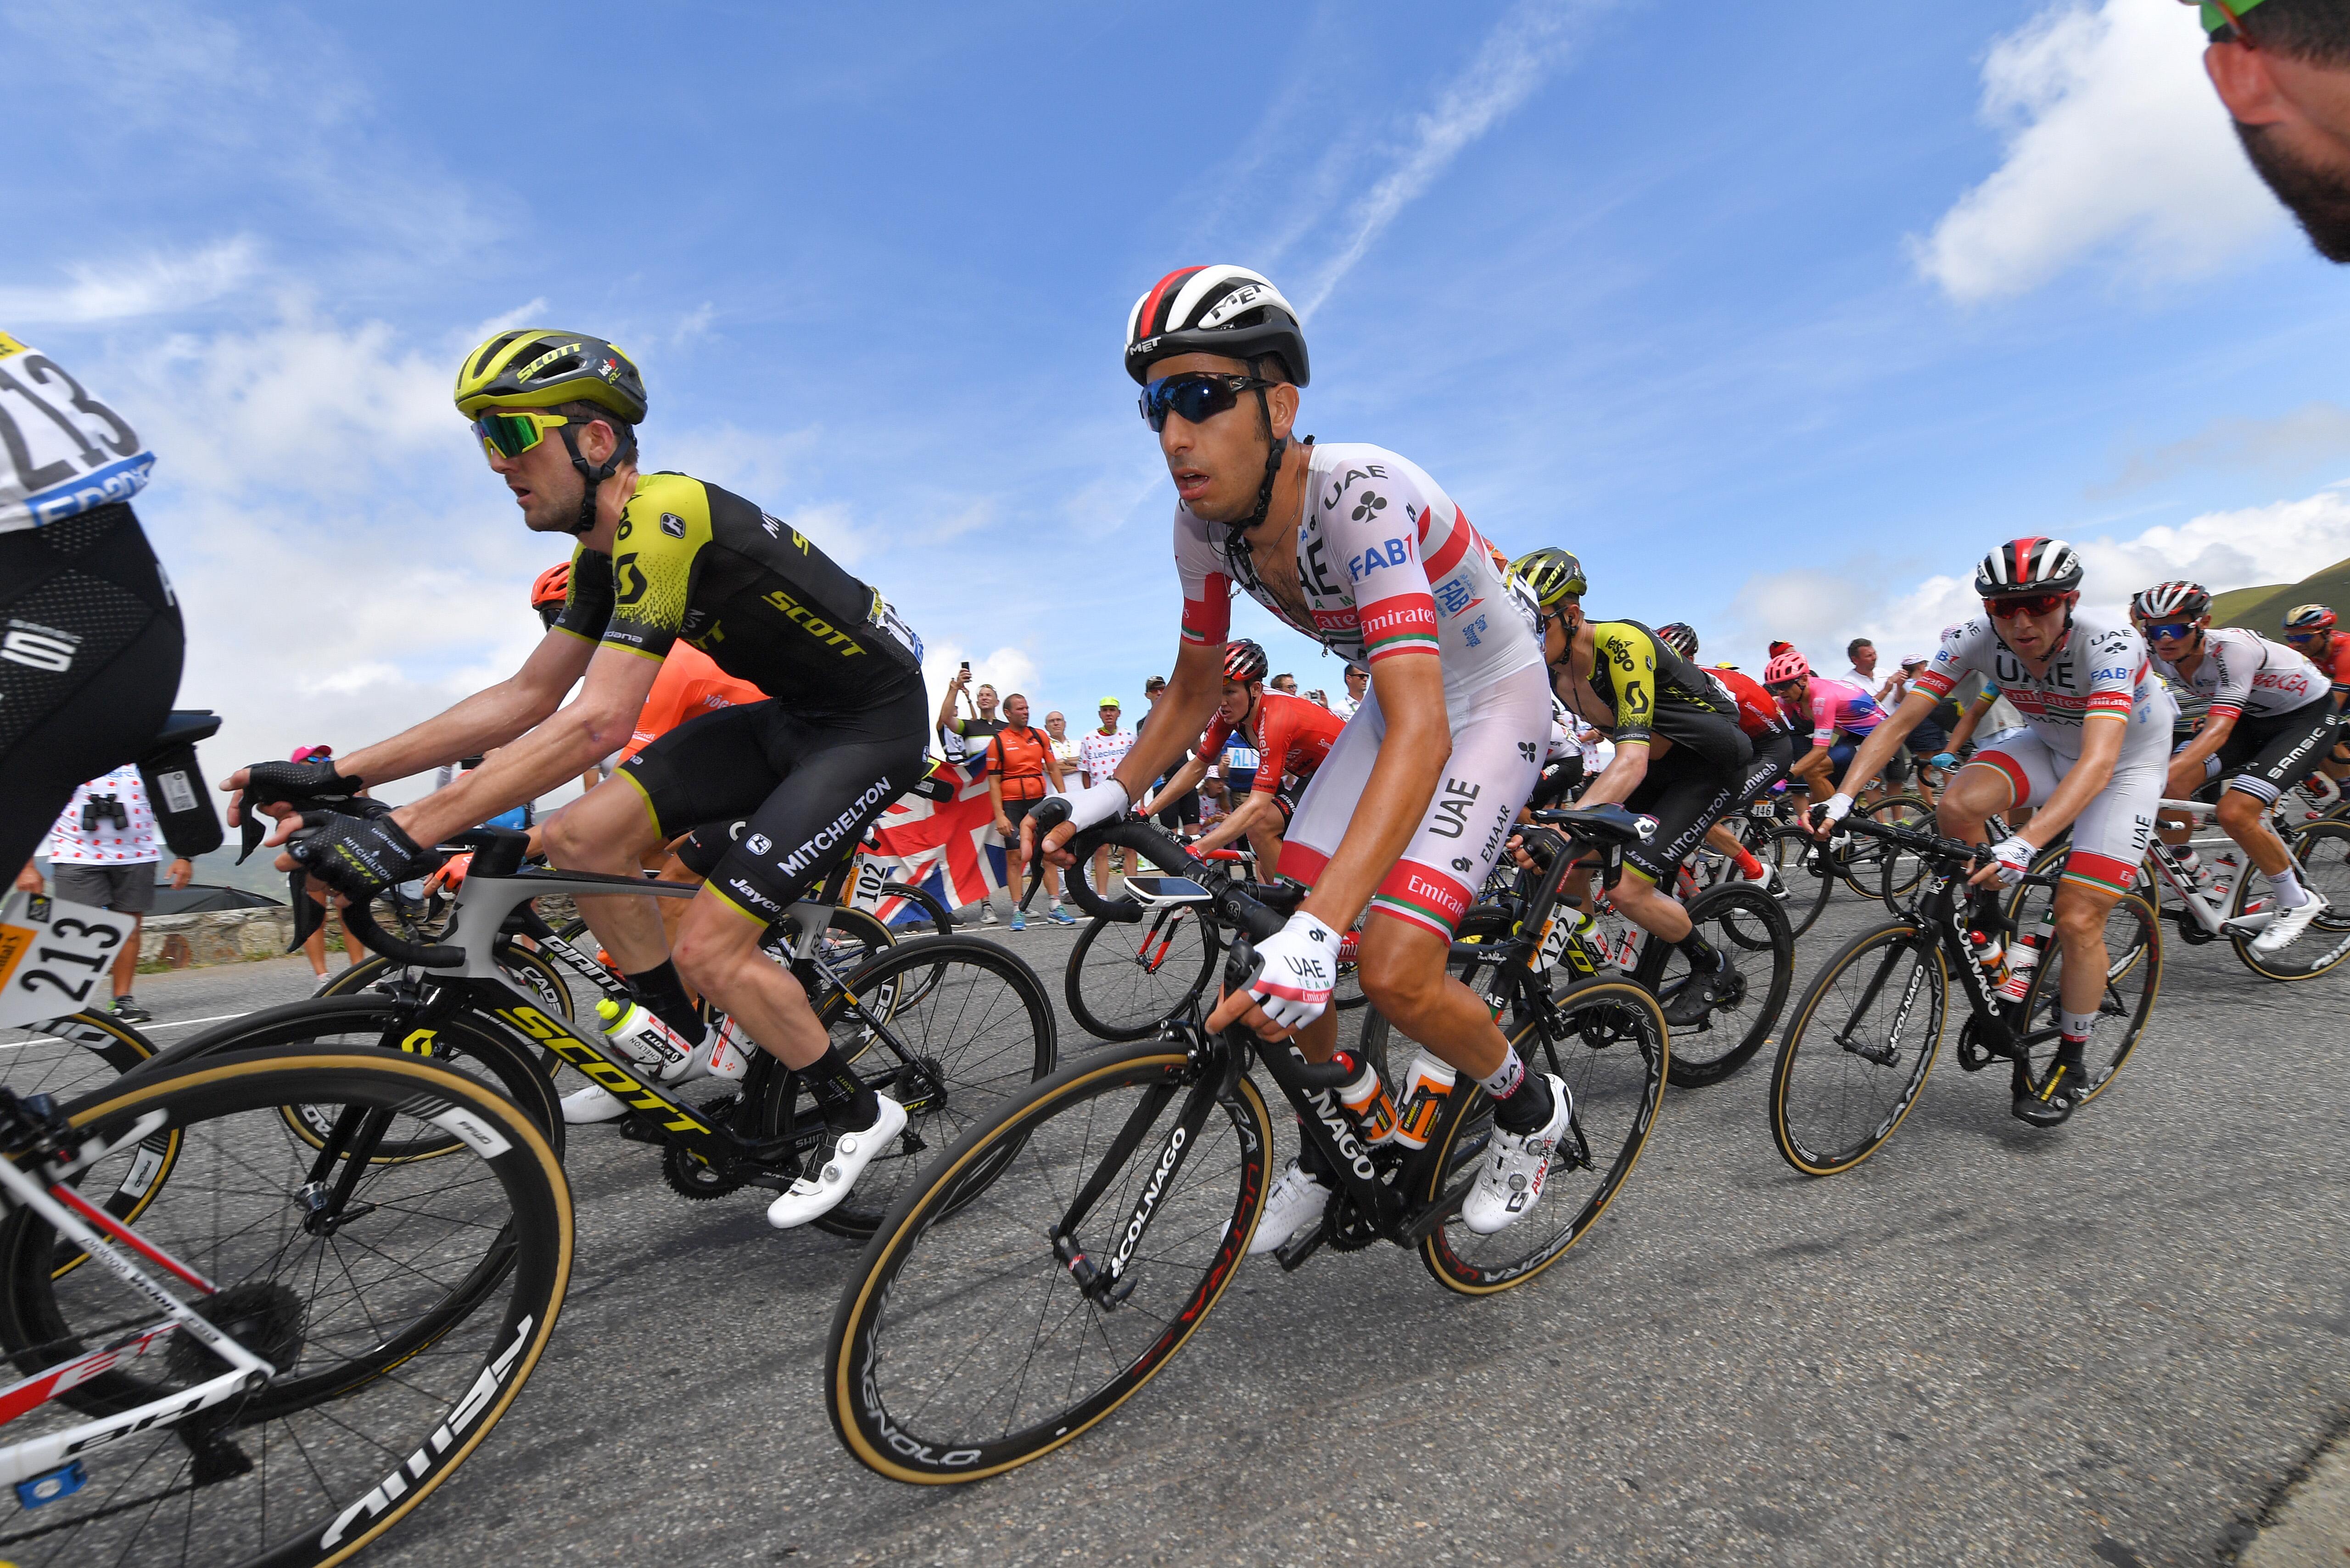 106th Tour de France 2019 - Stage 12